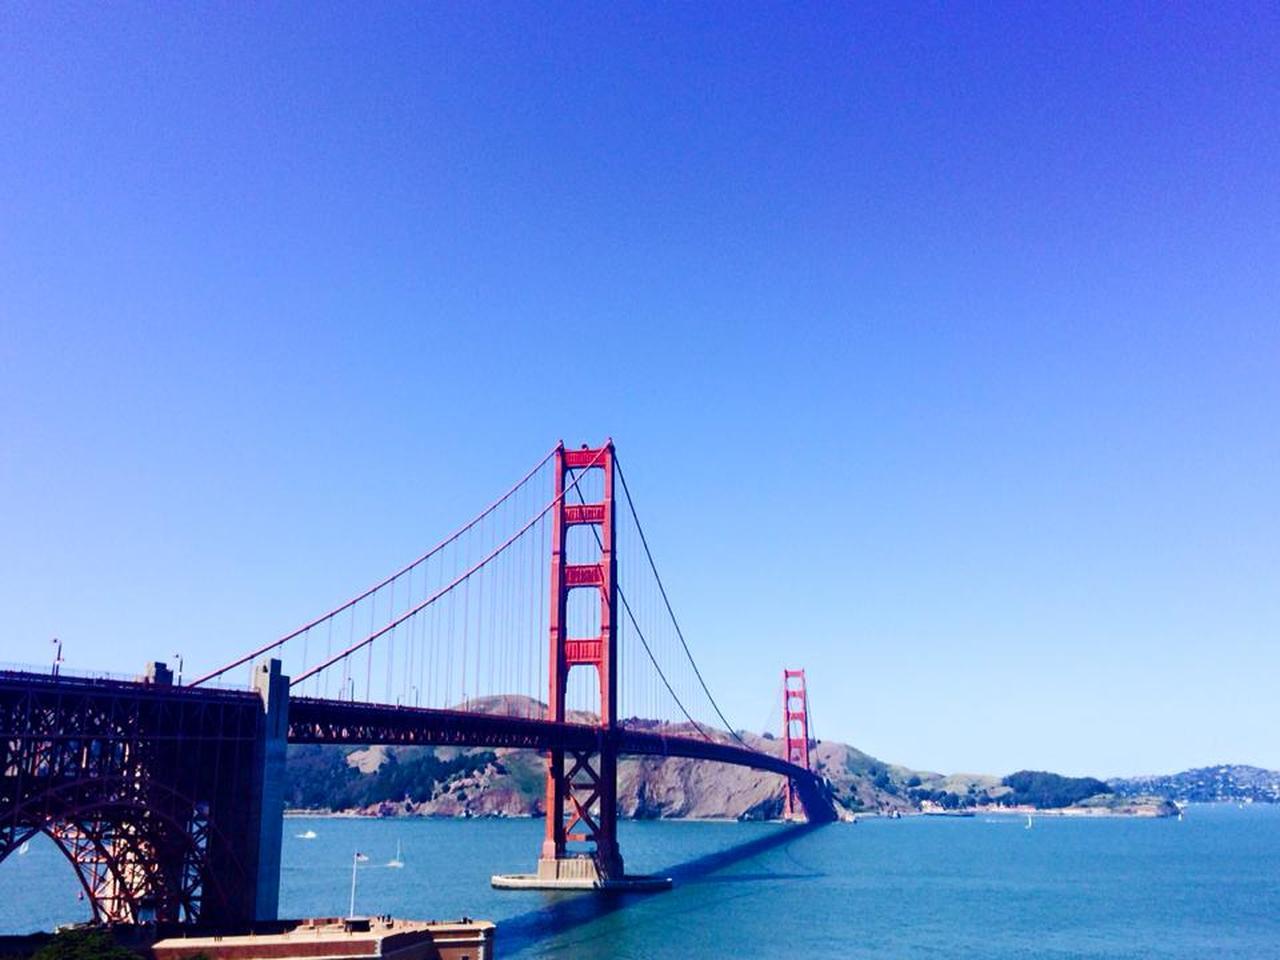 画像: アメリカ西海岸旅行・ツアー・観光 クラブツーリズム